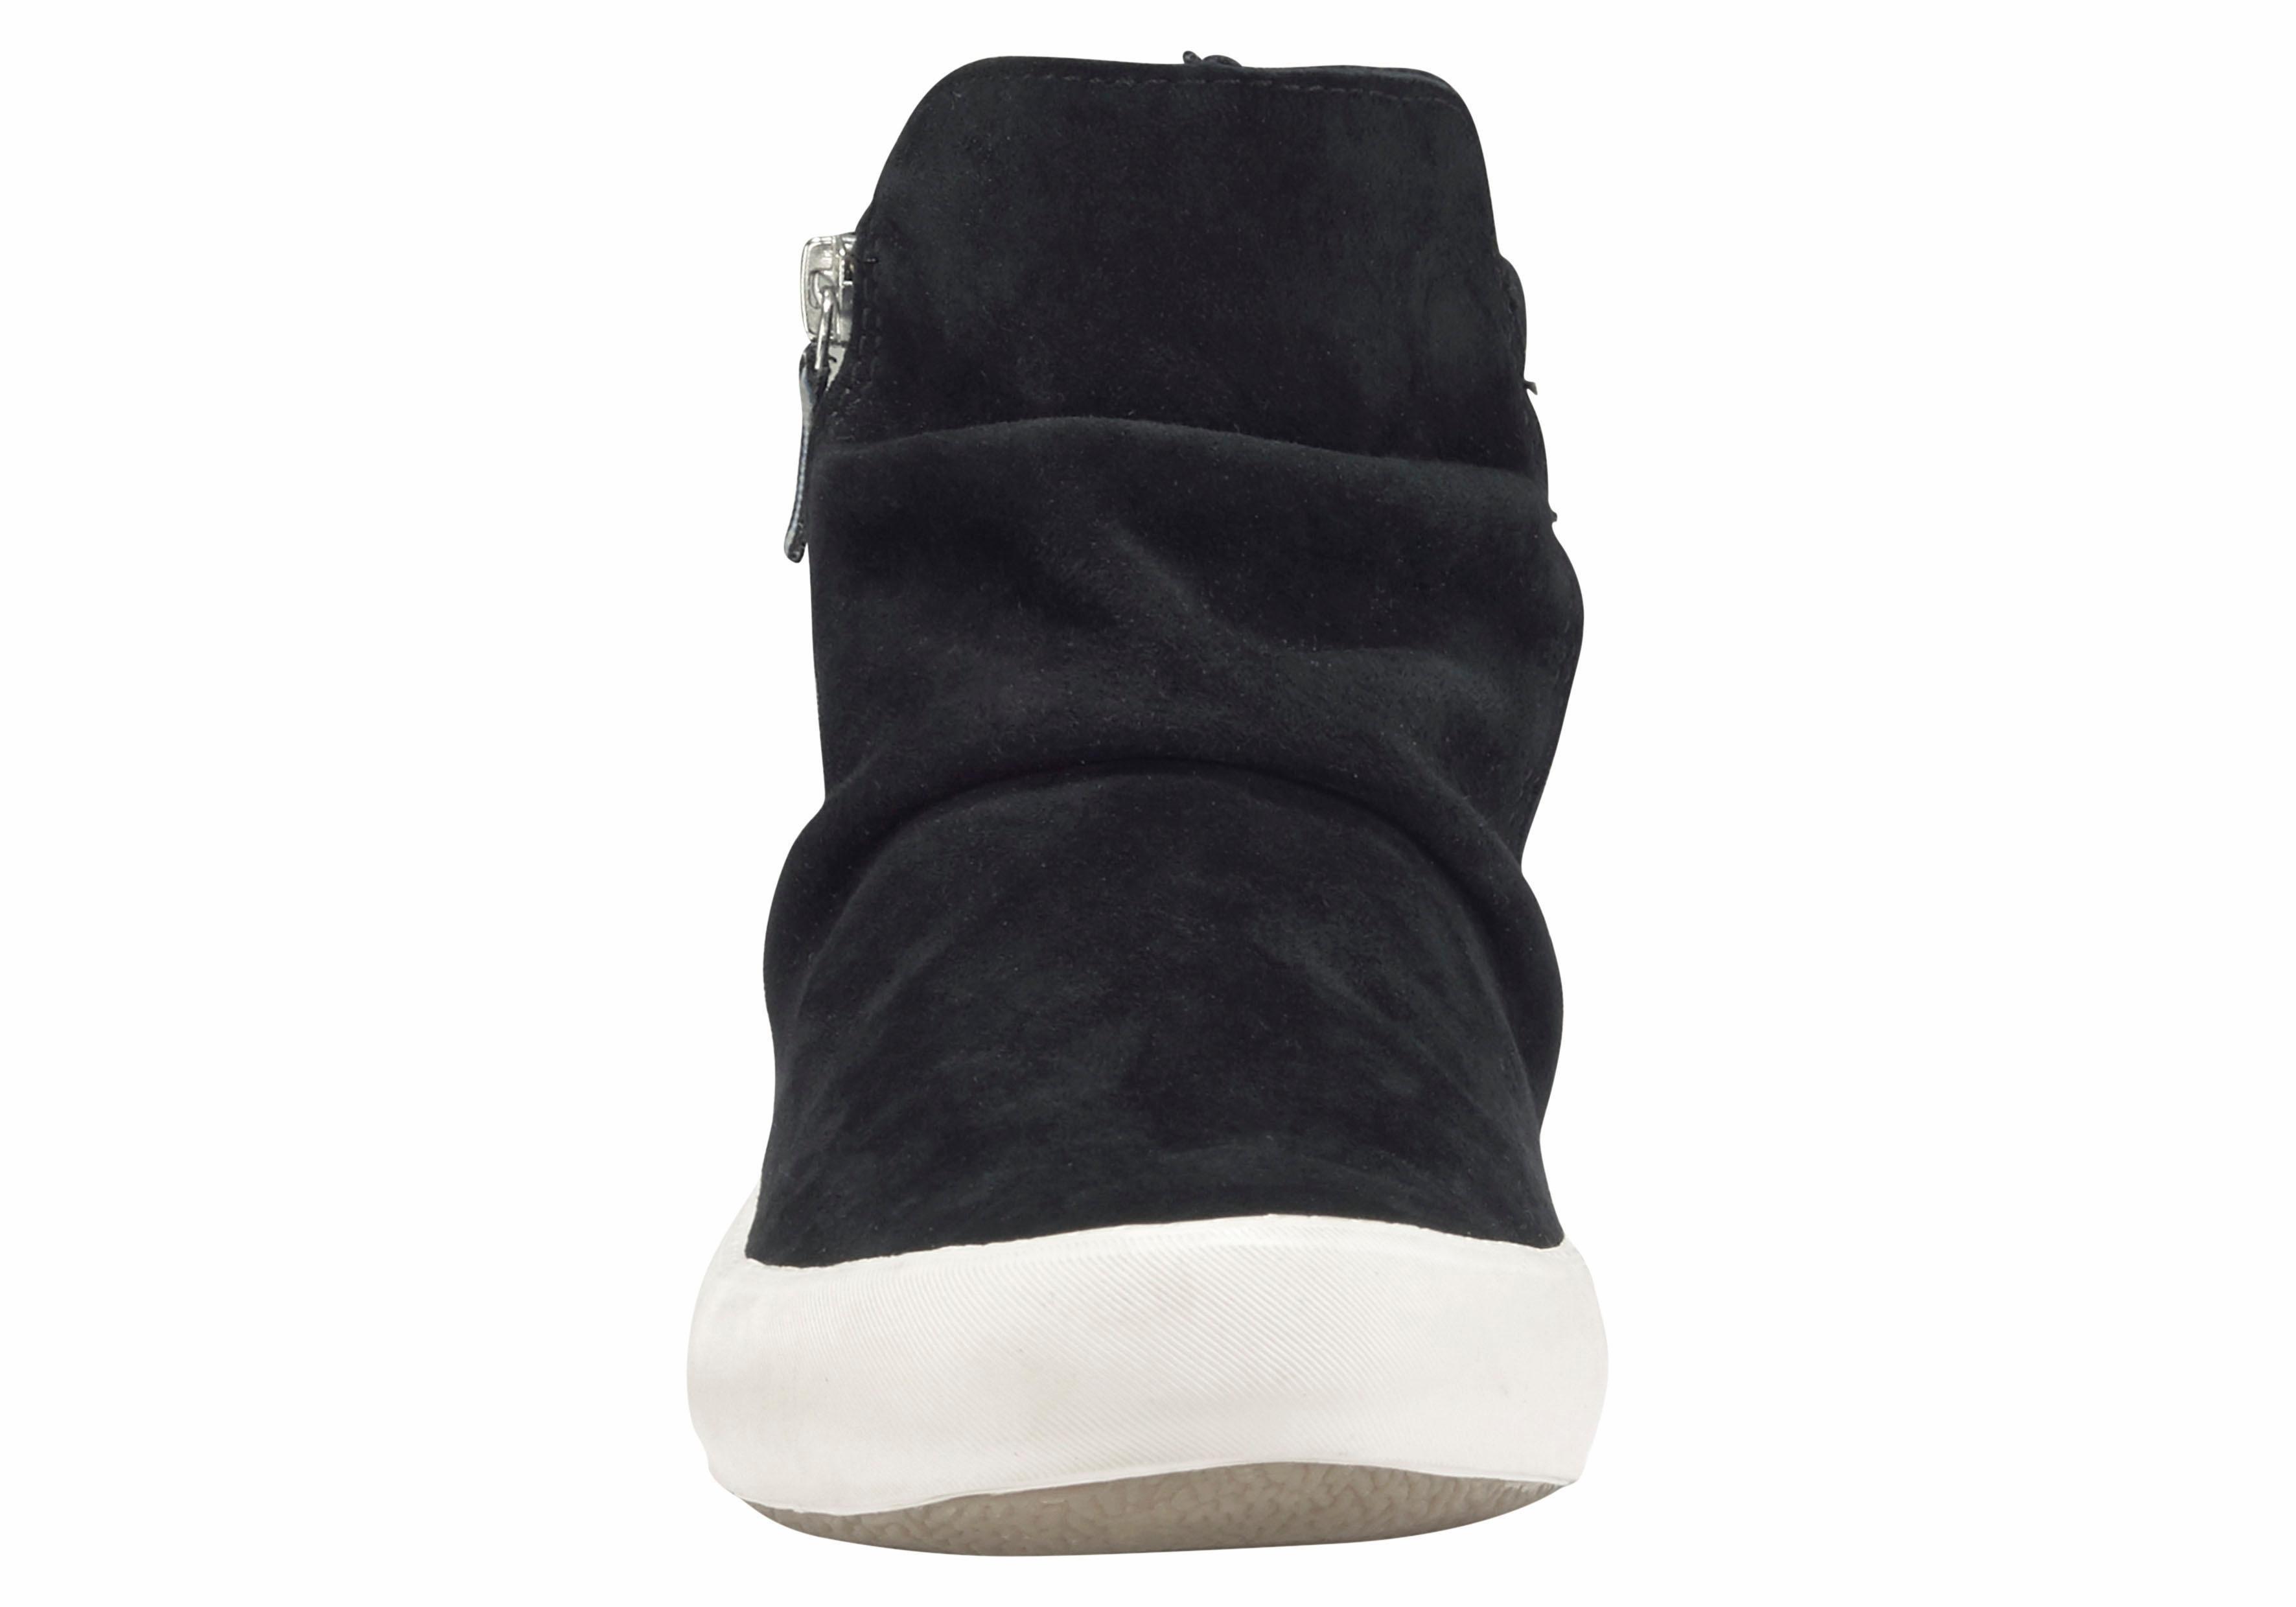 S Bij Online Boot Sneakersmidtown Keds Zip XwikuOPZT